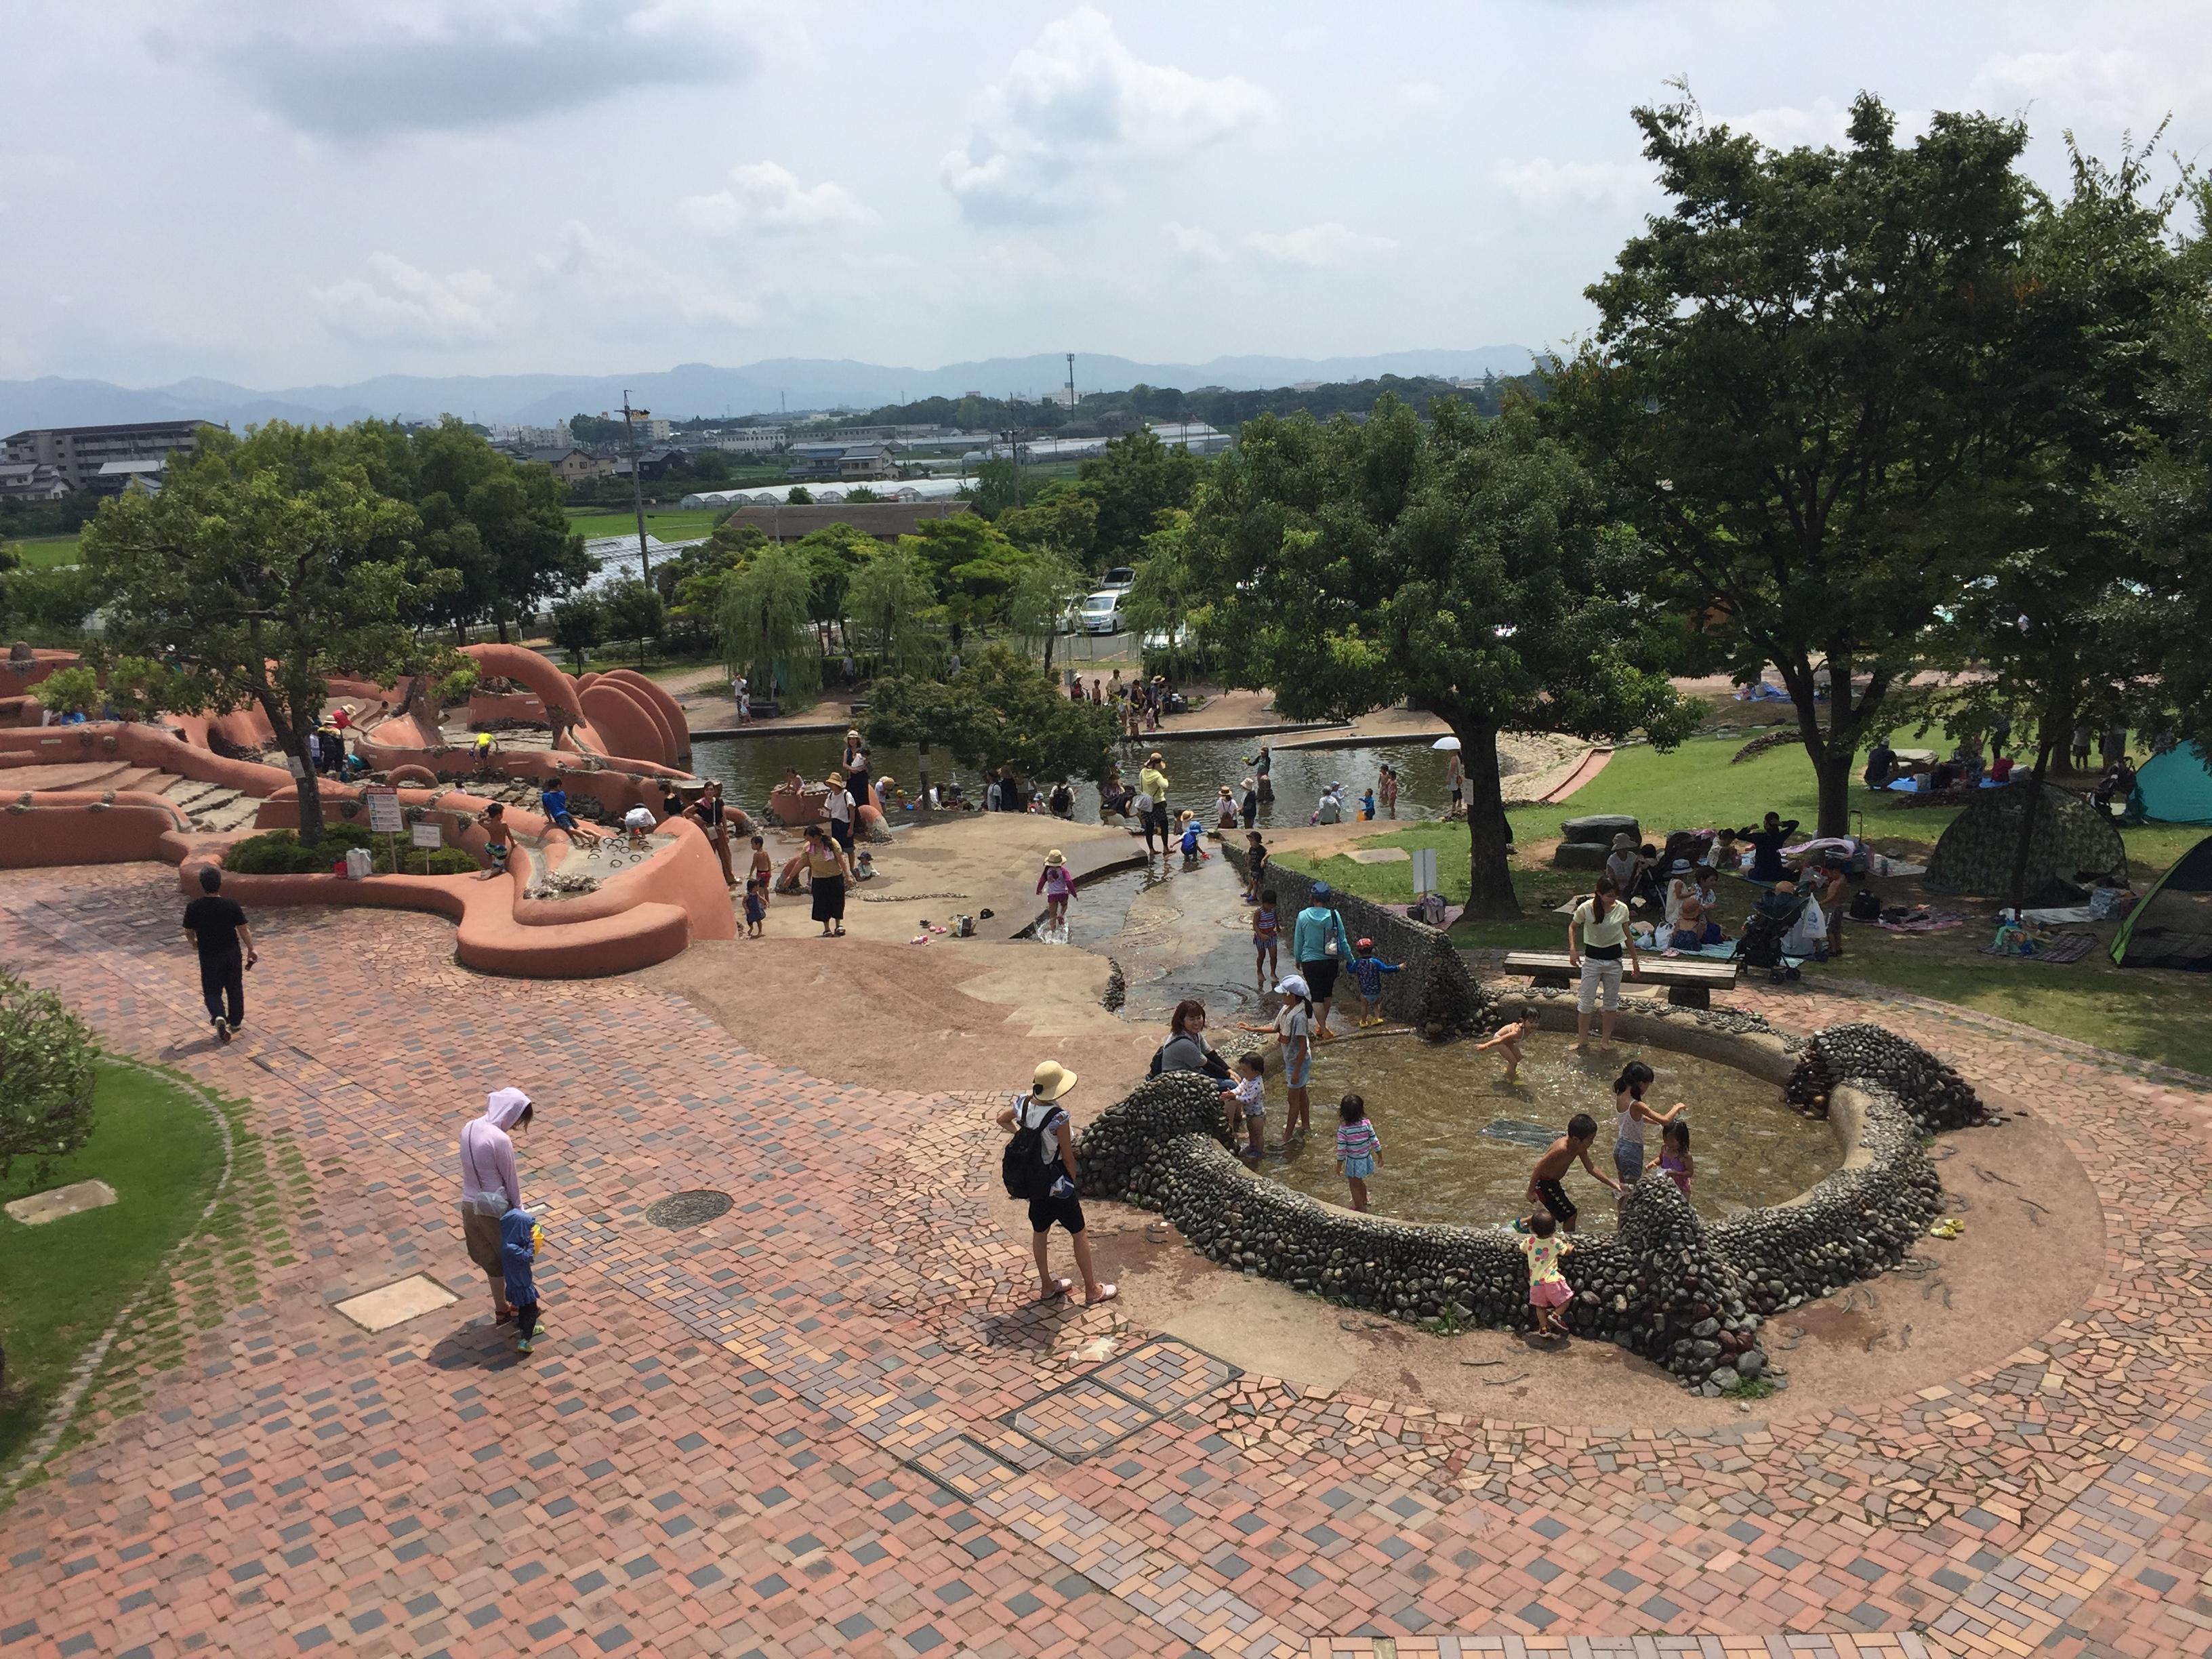 豊川市 赤塚山公園 ぎょぎょランド アニアニまある